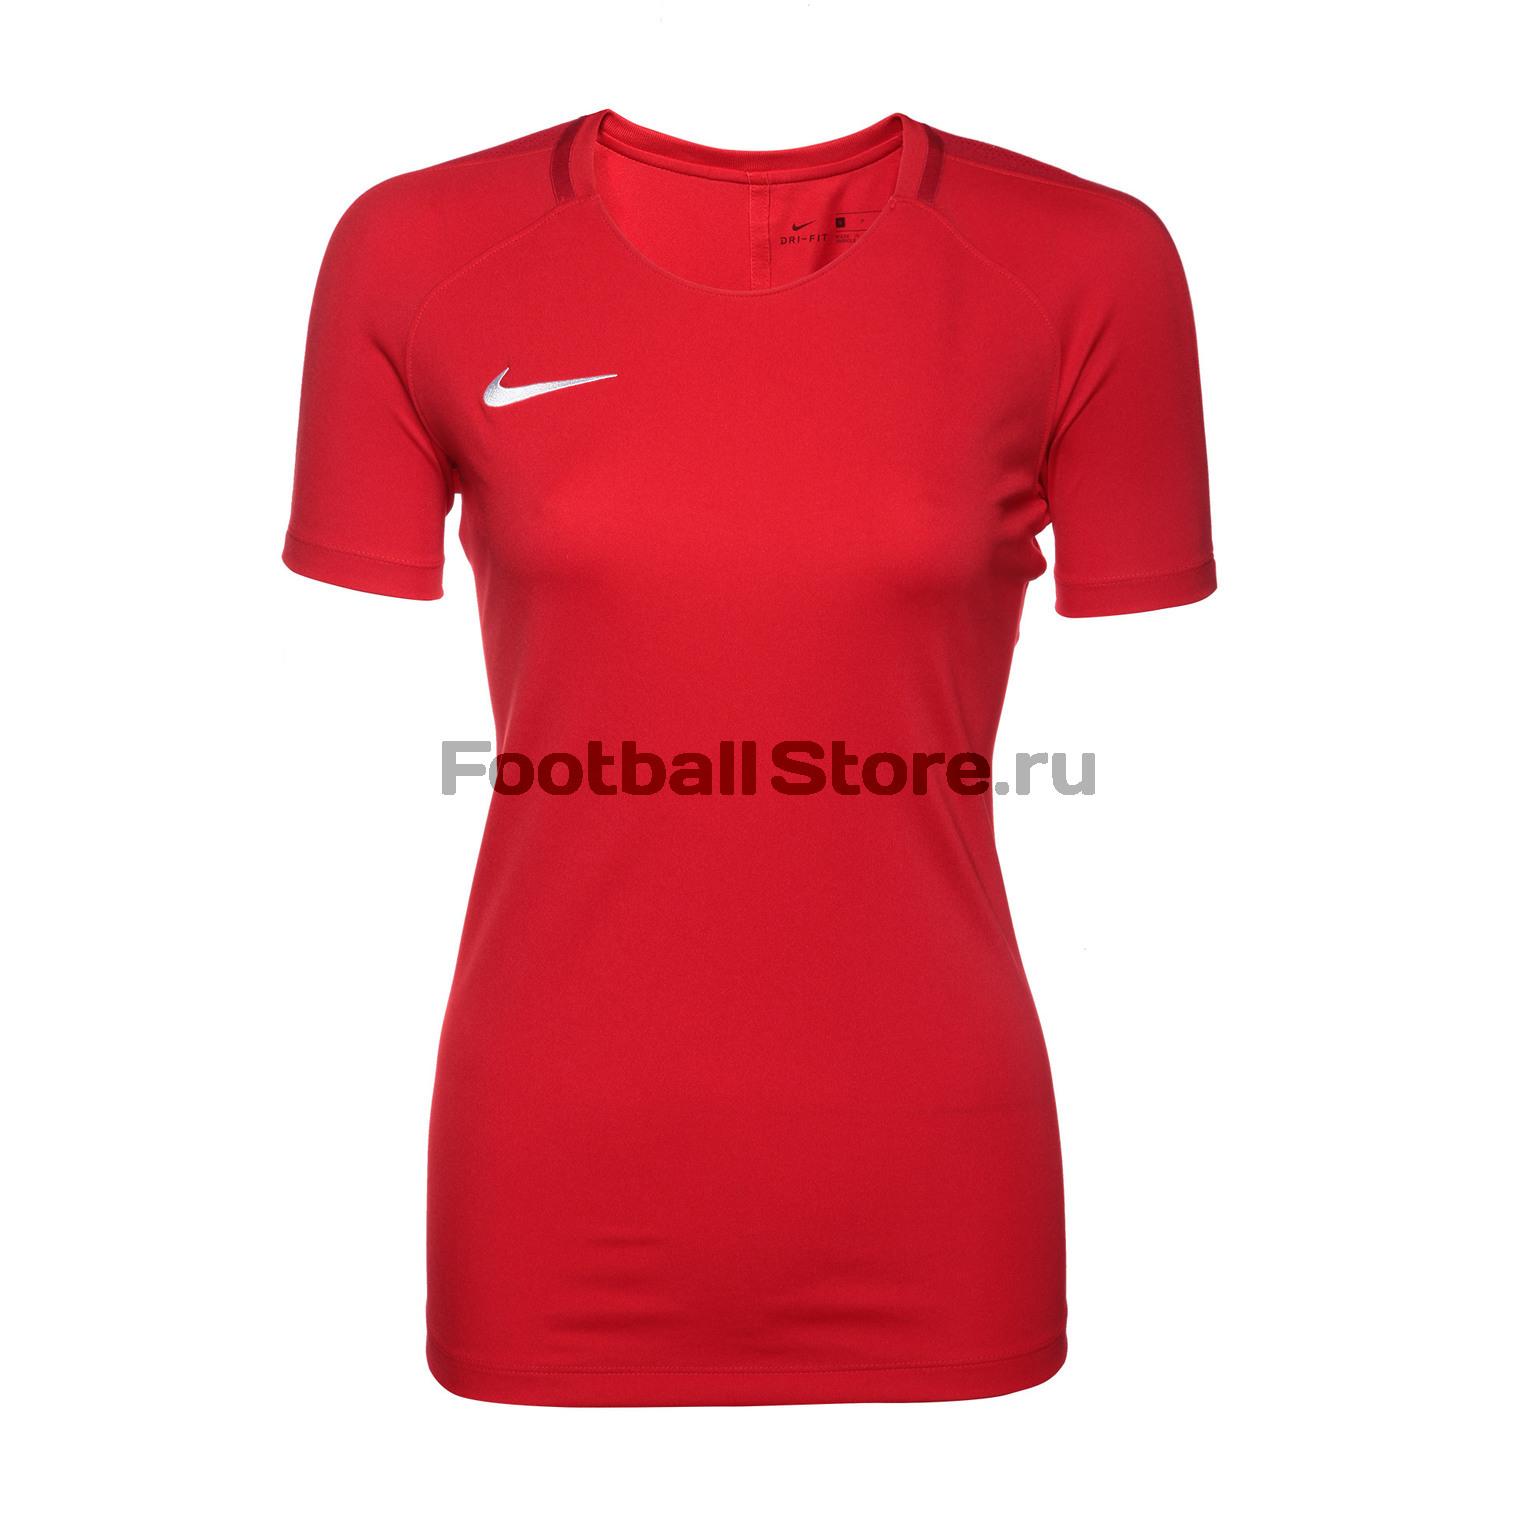 Футболка тренировочная женская Nike Academy 893741-657 цена 2017